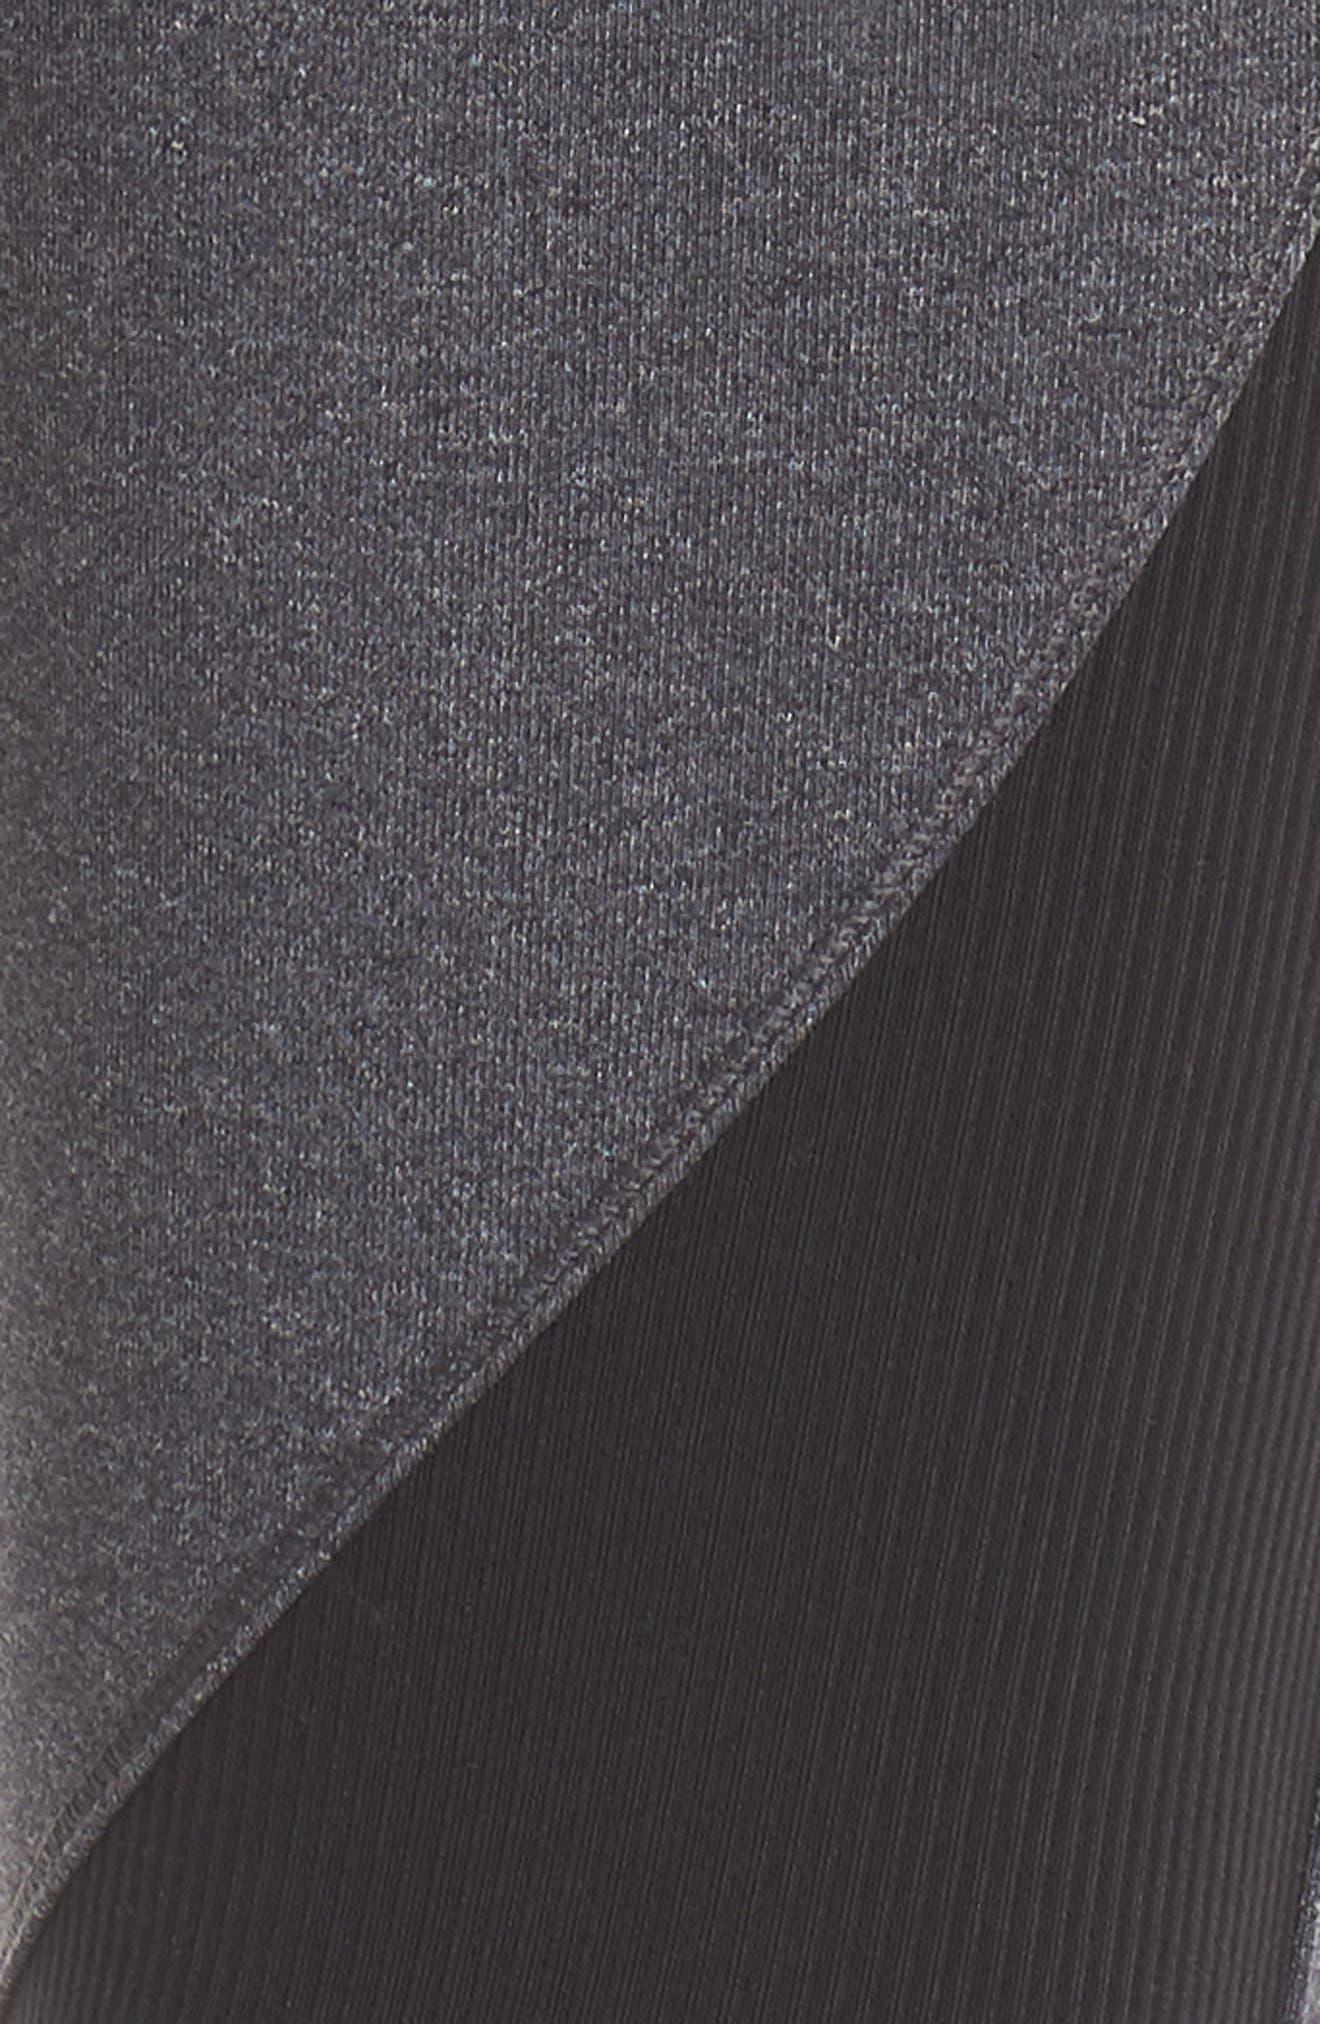 All Star Leggings,                             Alternate thumbnail 6, color,                             HEATHER GREY/ BLACK/ OFF WHITE